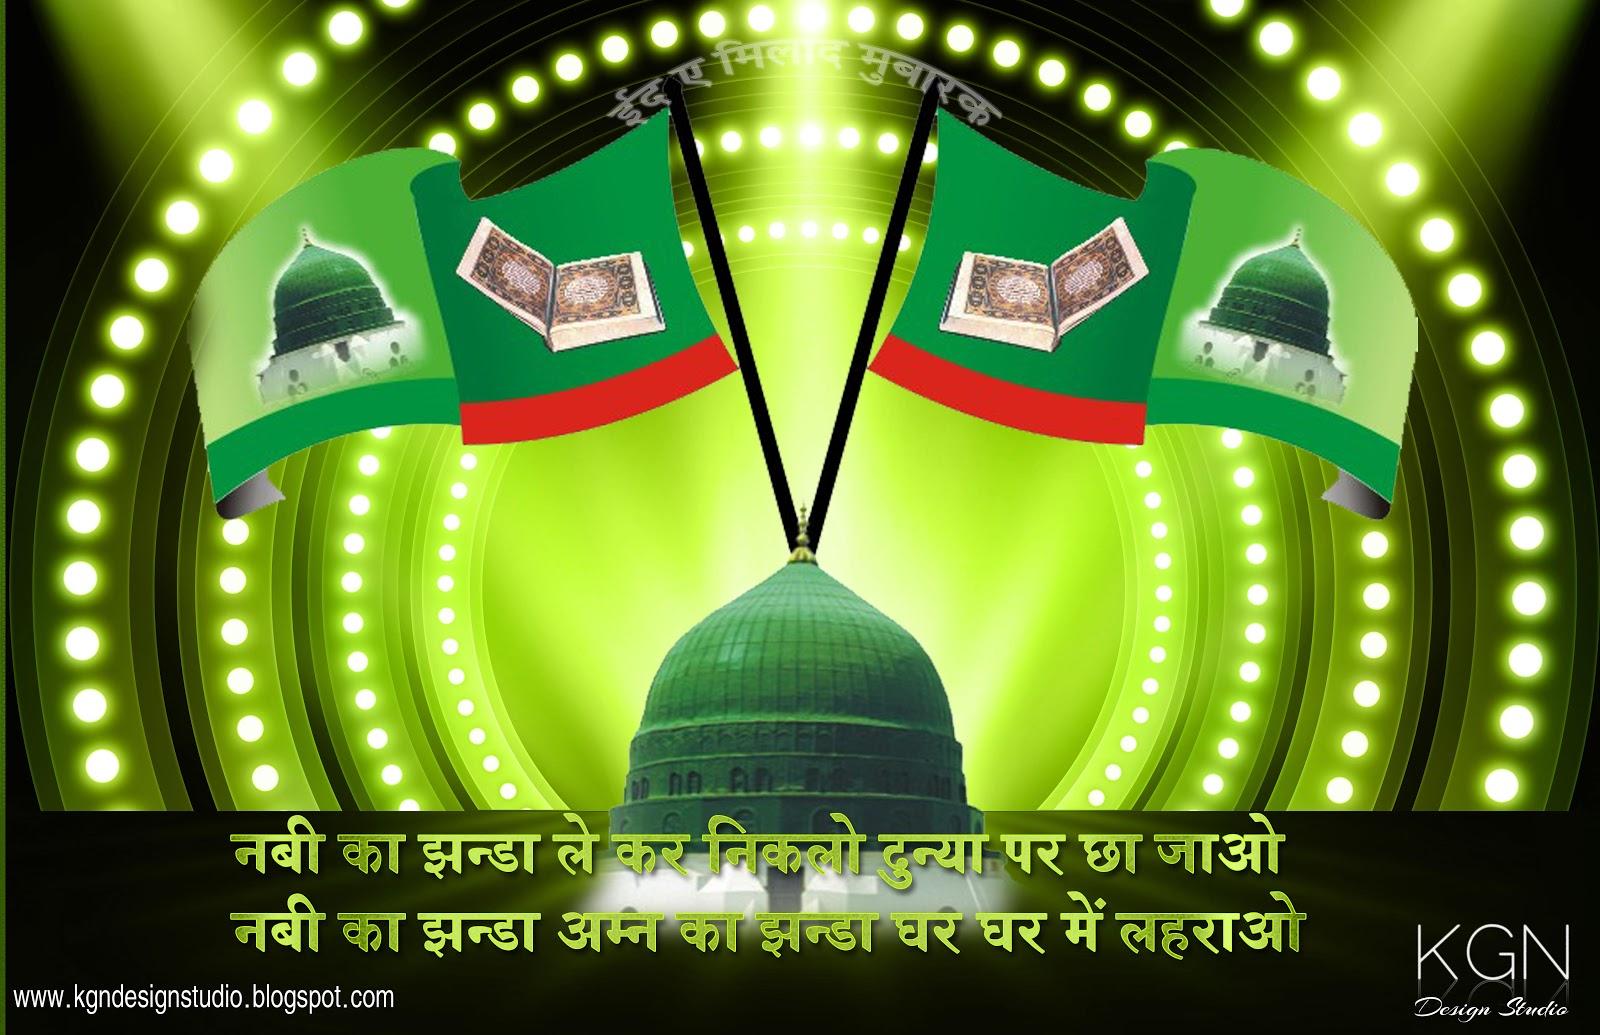 http://3.bp.blogspot.com/-oWz82xzfrrg/UOazhZm8t0I/AAAAAAAACNs/MKyu9PXWshs/s1600/Eid-e-Milad-Wallpaper-10.jpg